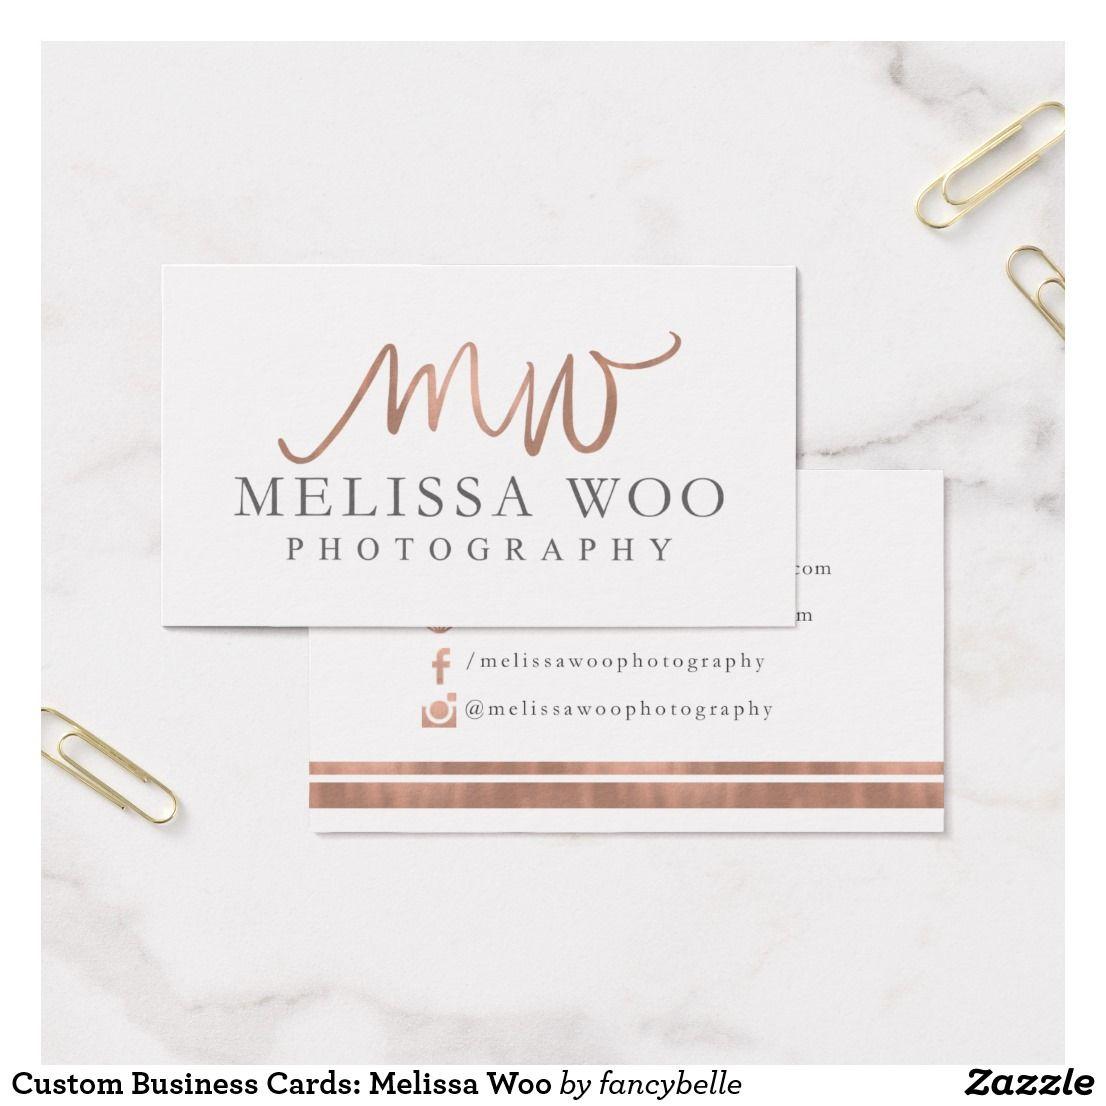 Custom business cards melissa woo business card pinterest custom business cards melissa woo business card colourmoves